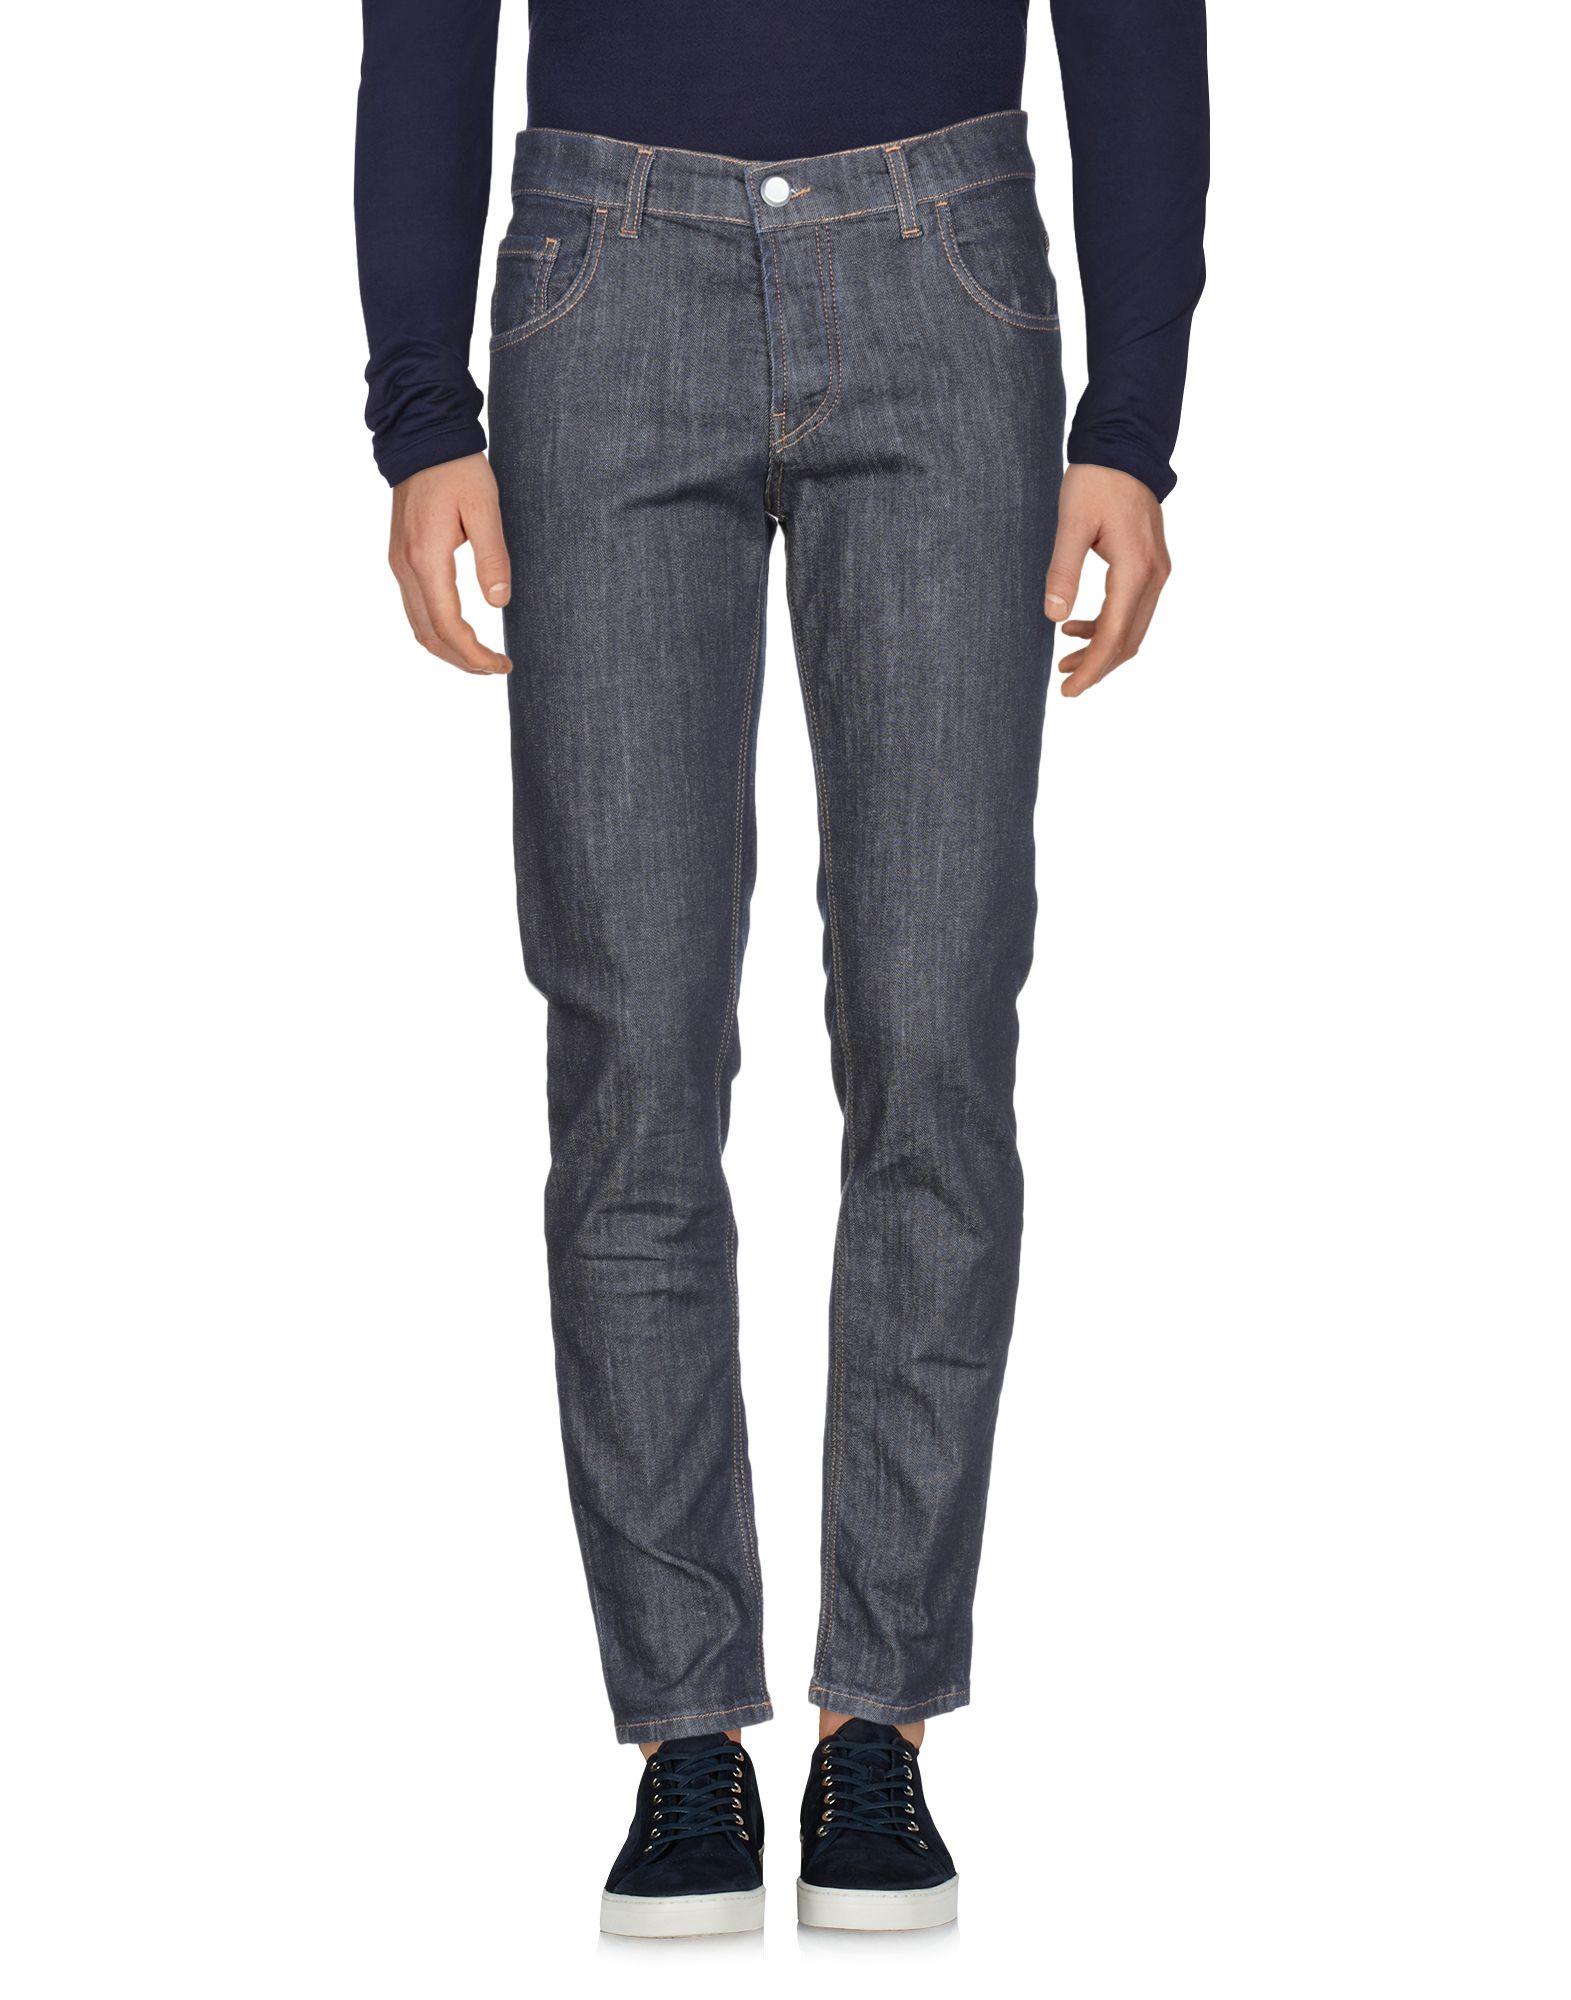 ATTREZZERIA 33 Джинсовые брюки carver pioneer camp джинсовые брюки мужские обычные джинсовые брюки темно синий 33 611 021